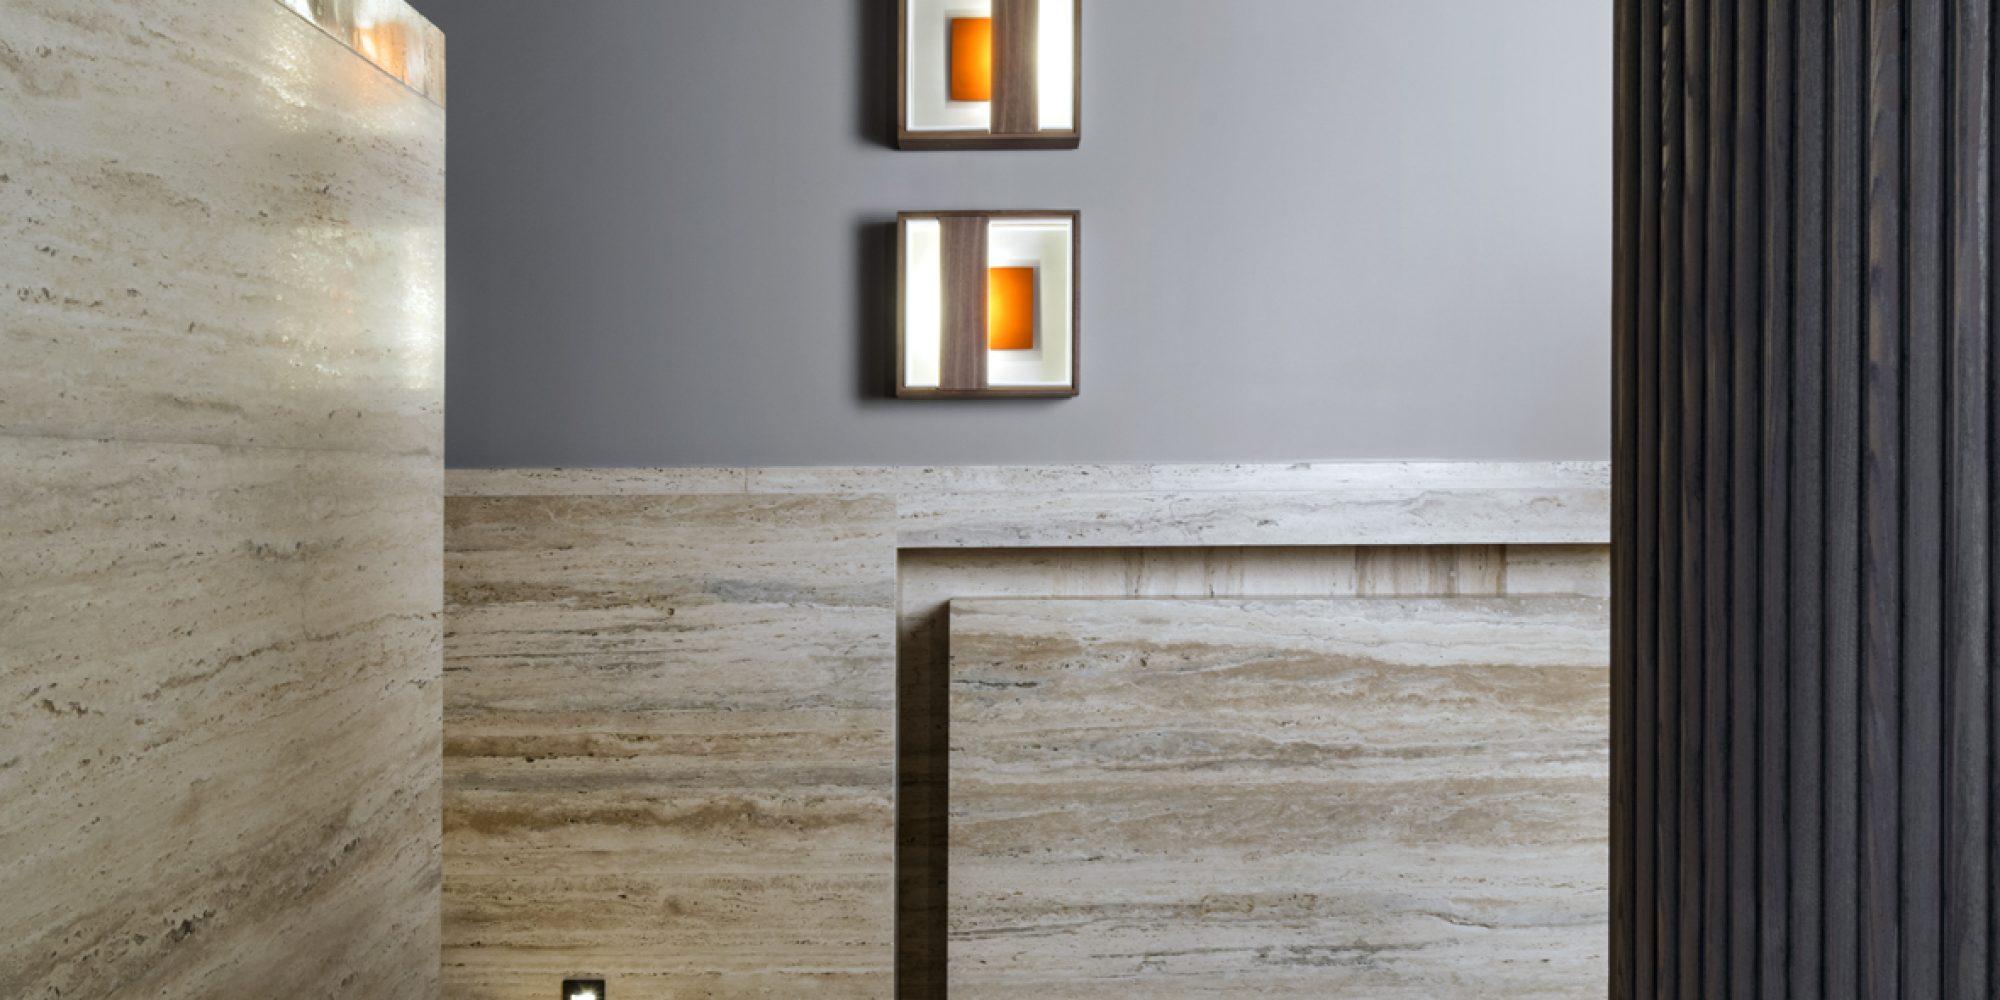 11-villa privata Mosca- Raboni architetti-pollice Illuminazione